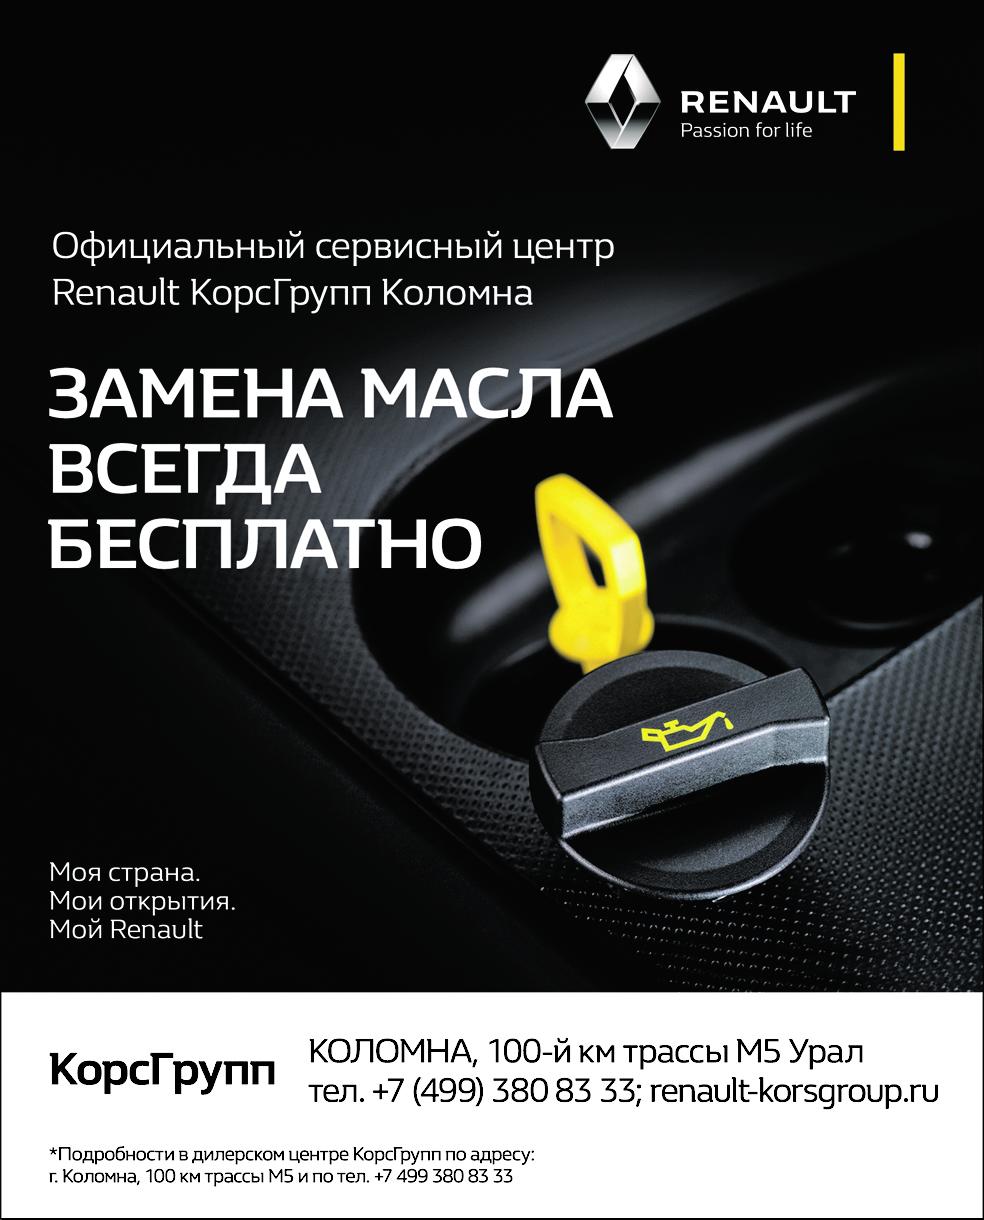 Замена масла в официальном сервисном центре Renault КорсГрупп Коломна бесплатно